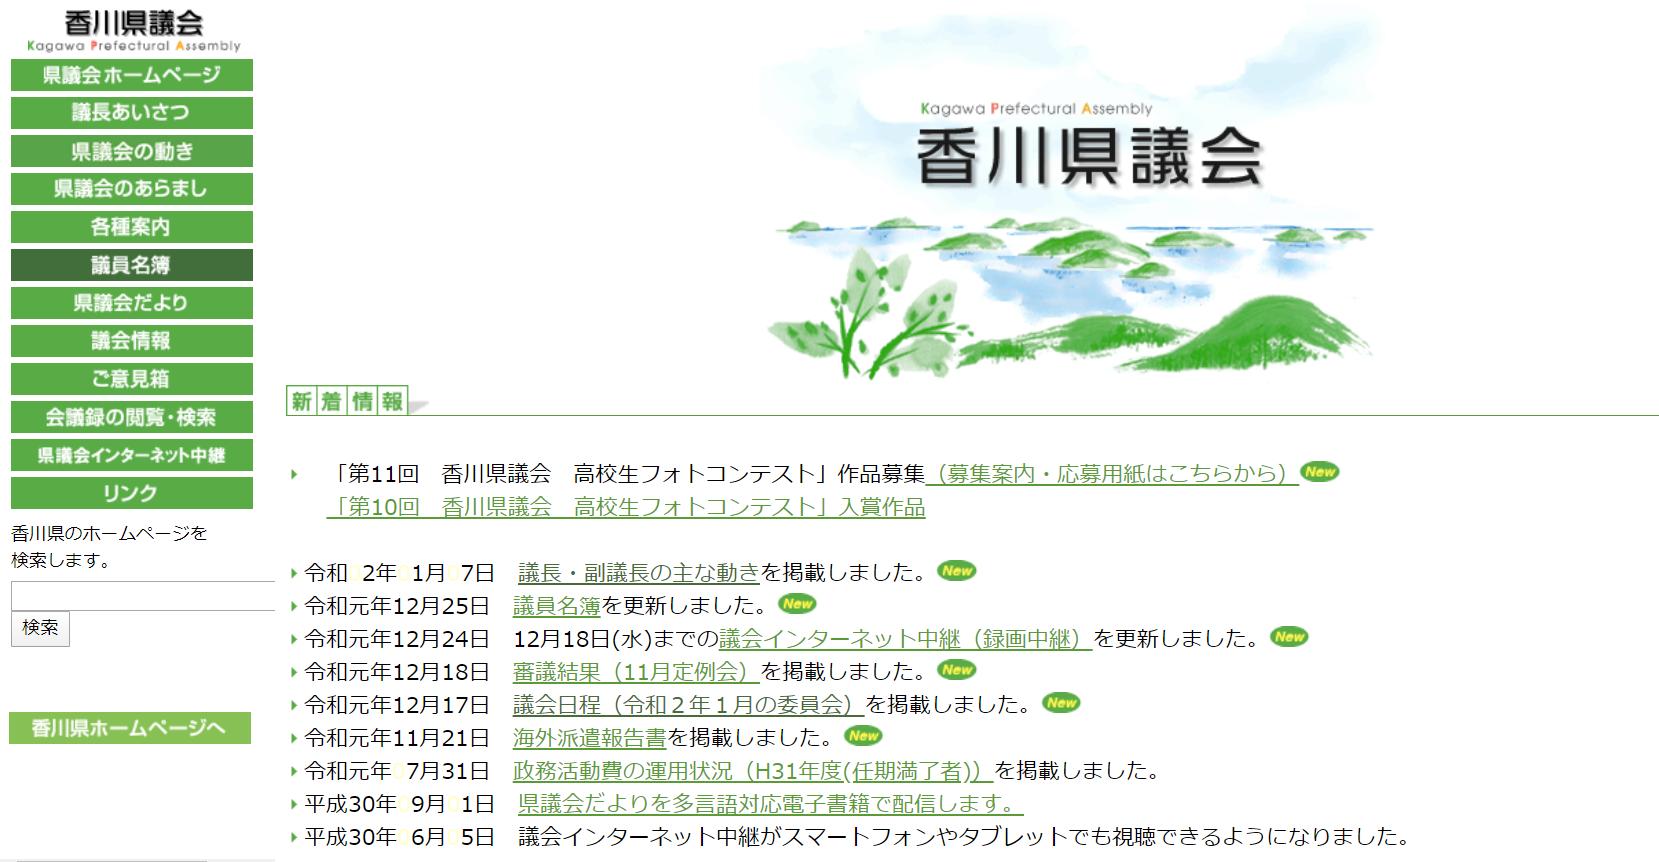 香川県議会